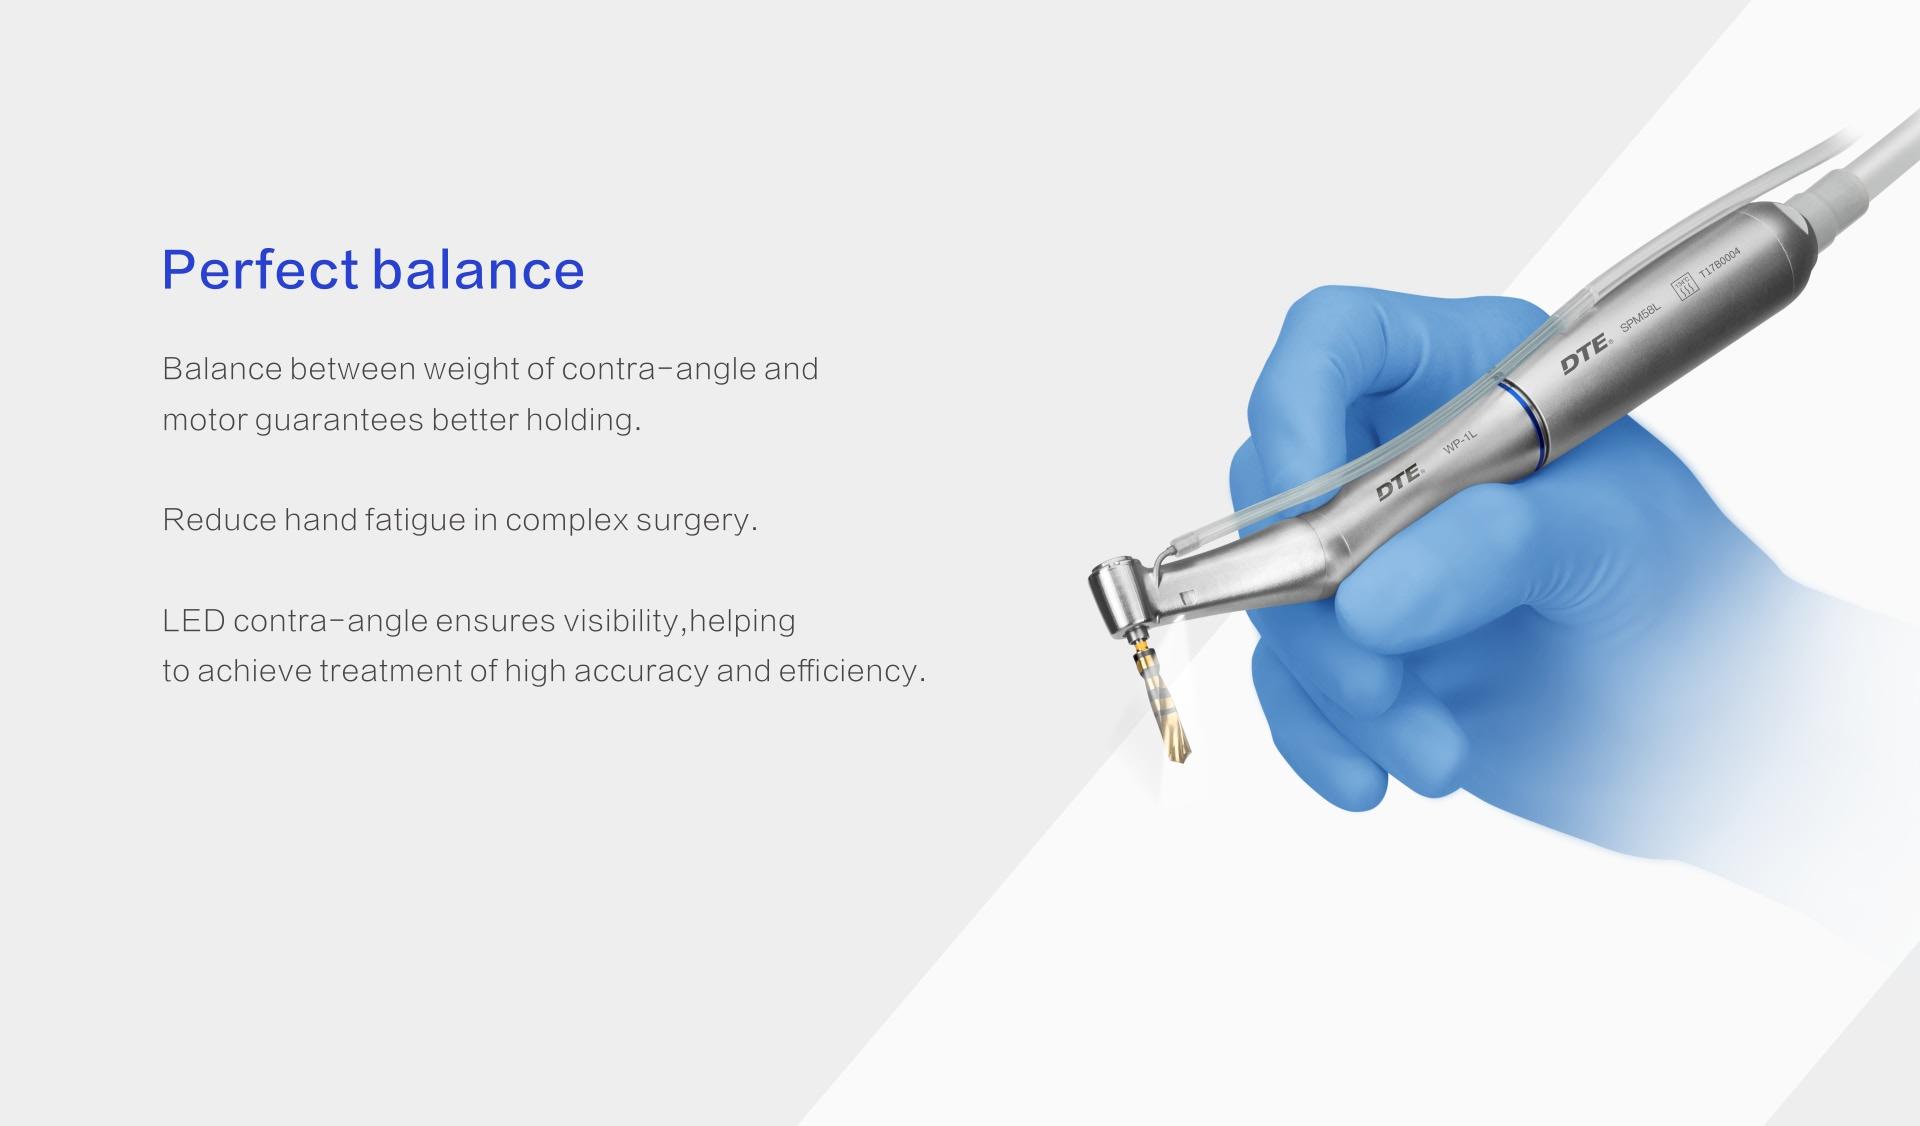 Физиодиспенсер DTE Implant X Описание